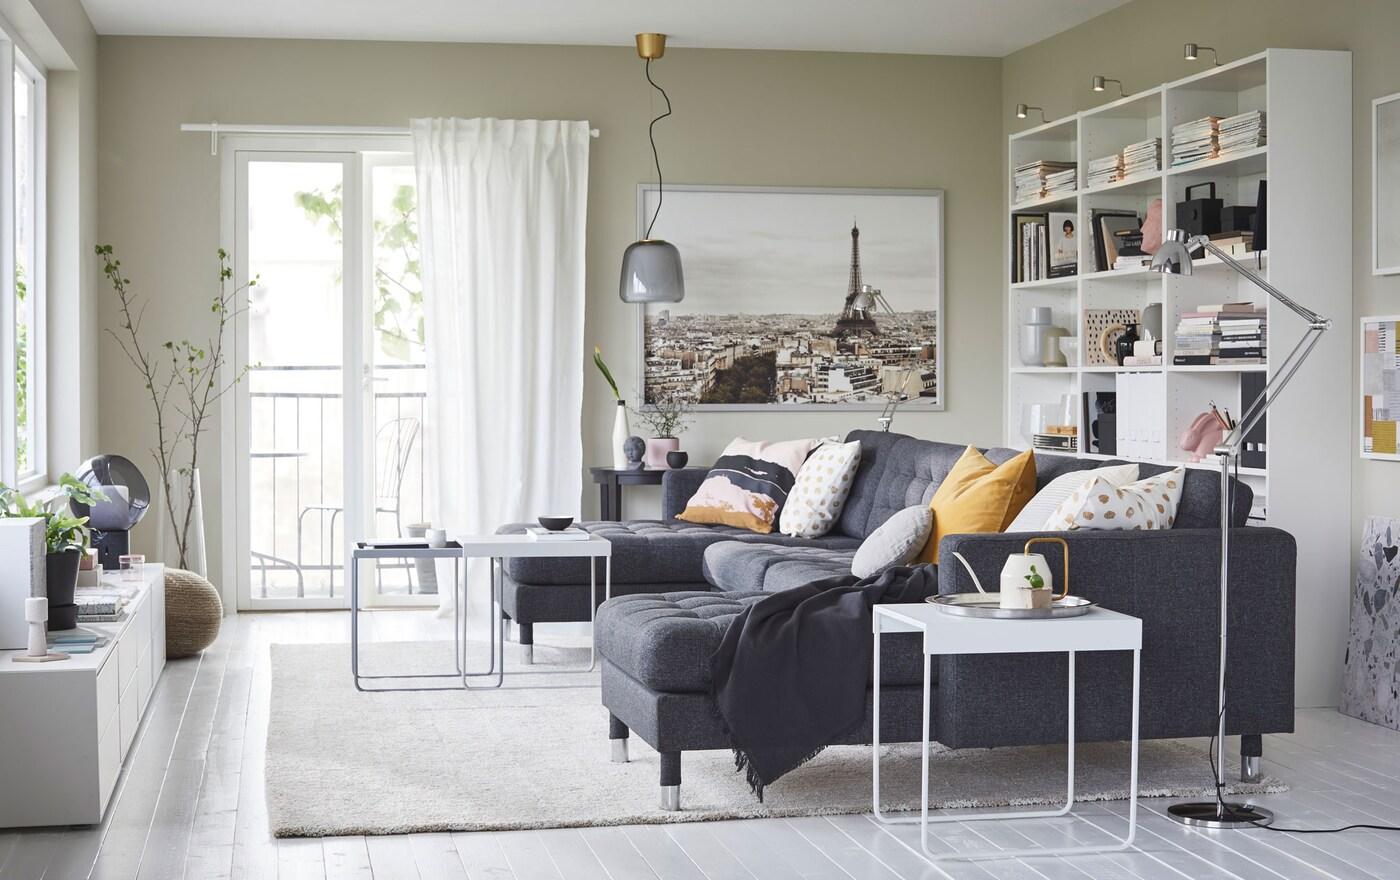 IKEA LANDSKRONA 5er Sofa Mit Récamieren/Gunnared Dunkelgrau/Metall Bietet  Platz Für 5